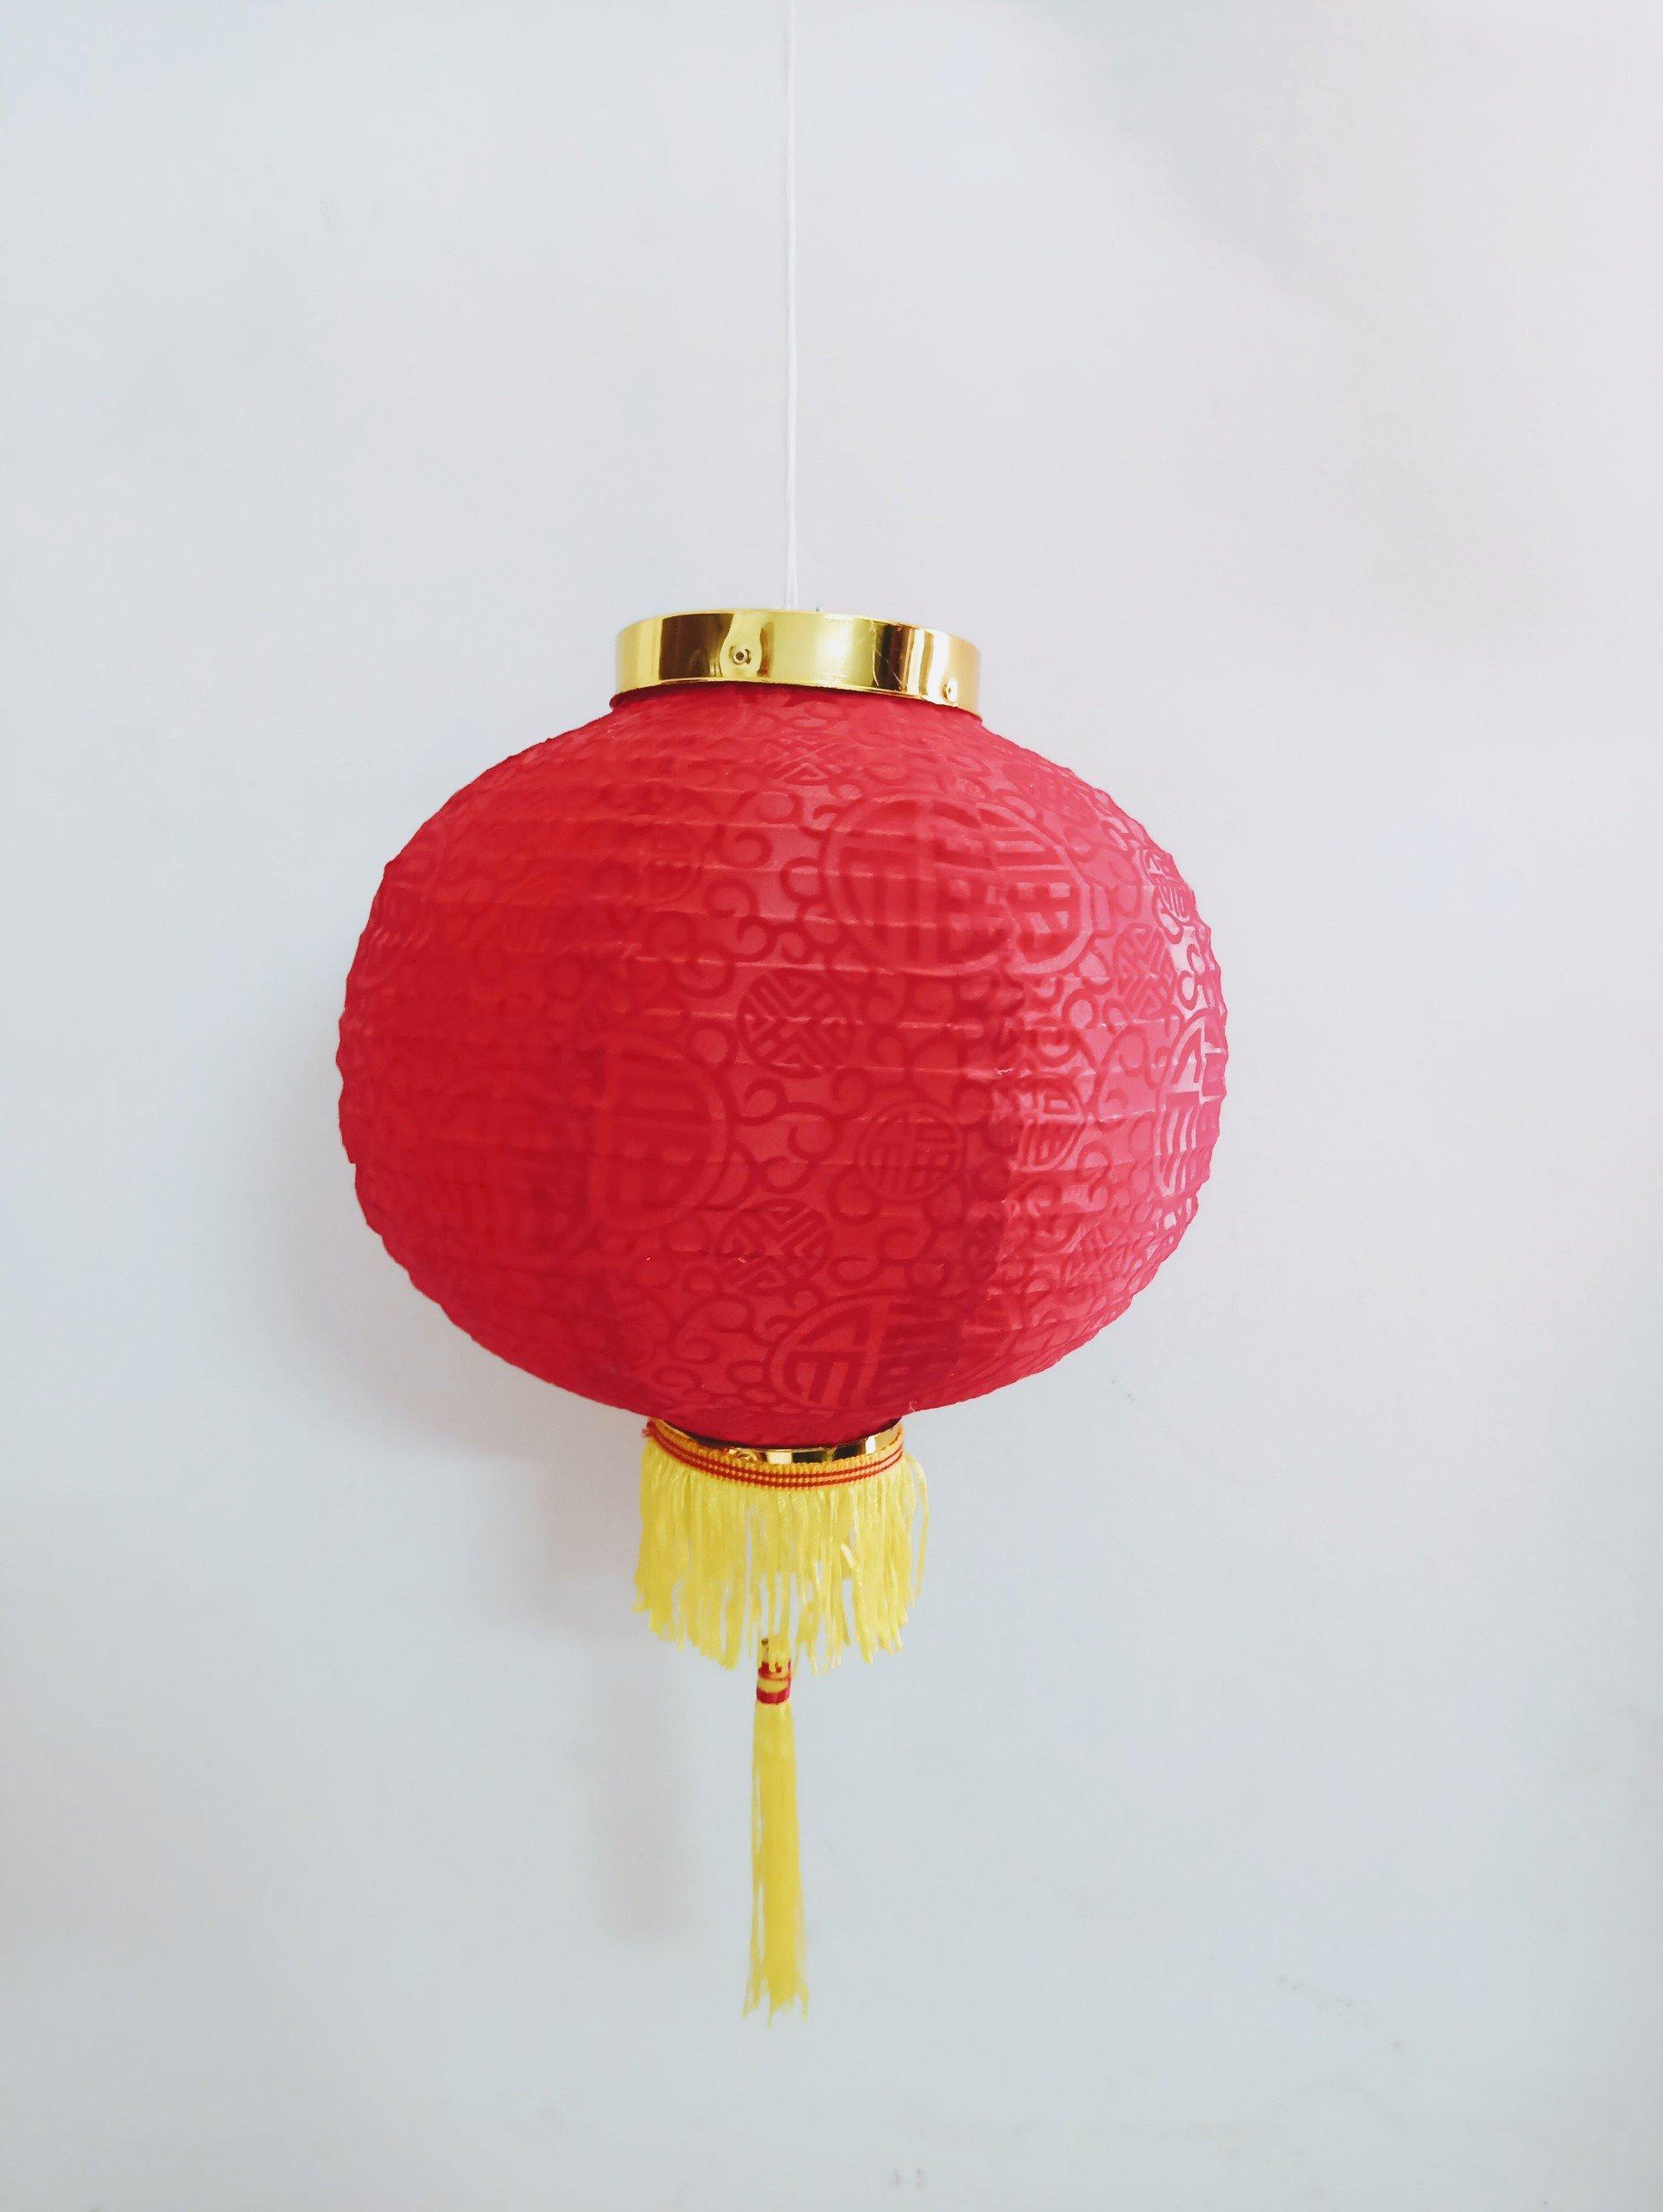 Đèn lồng đỏ trang trí tết 04